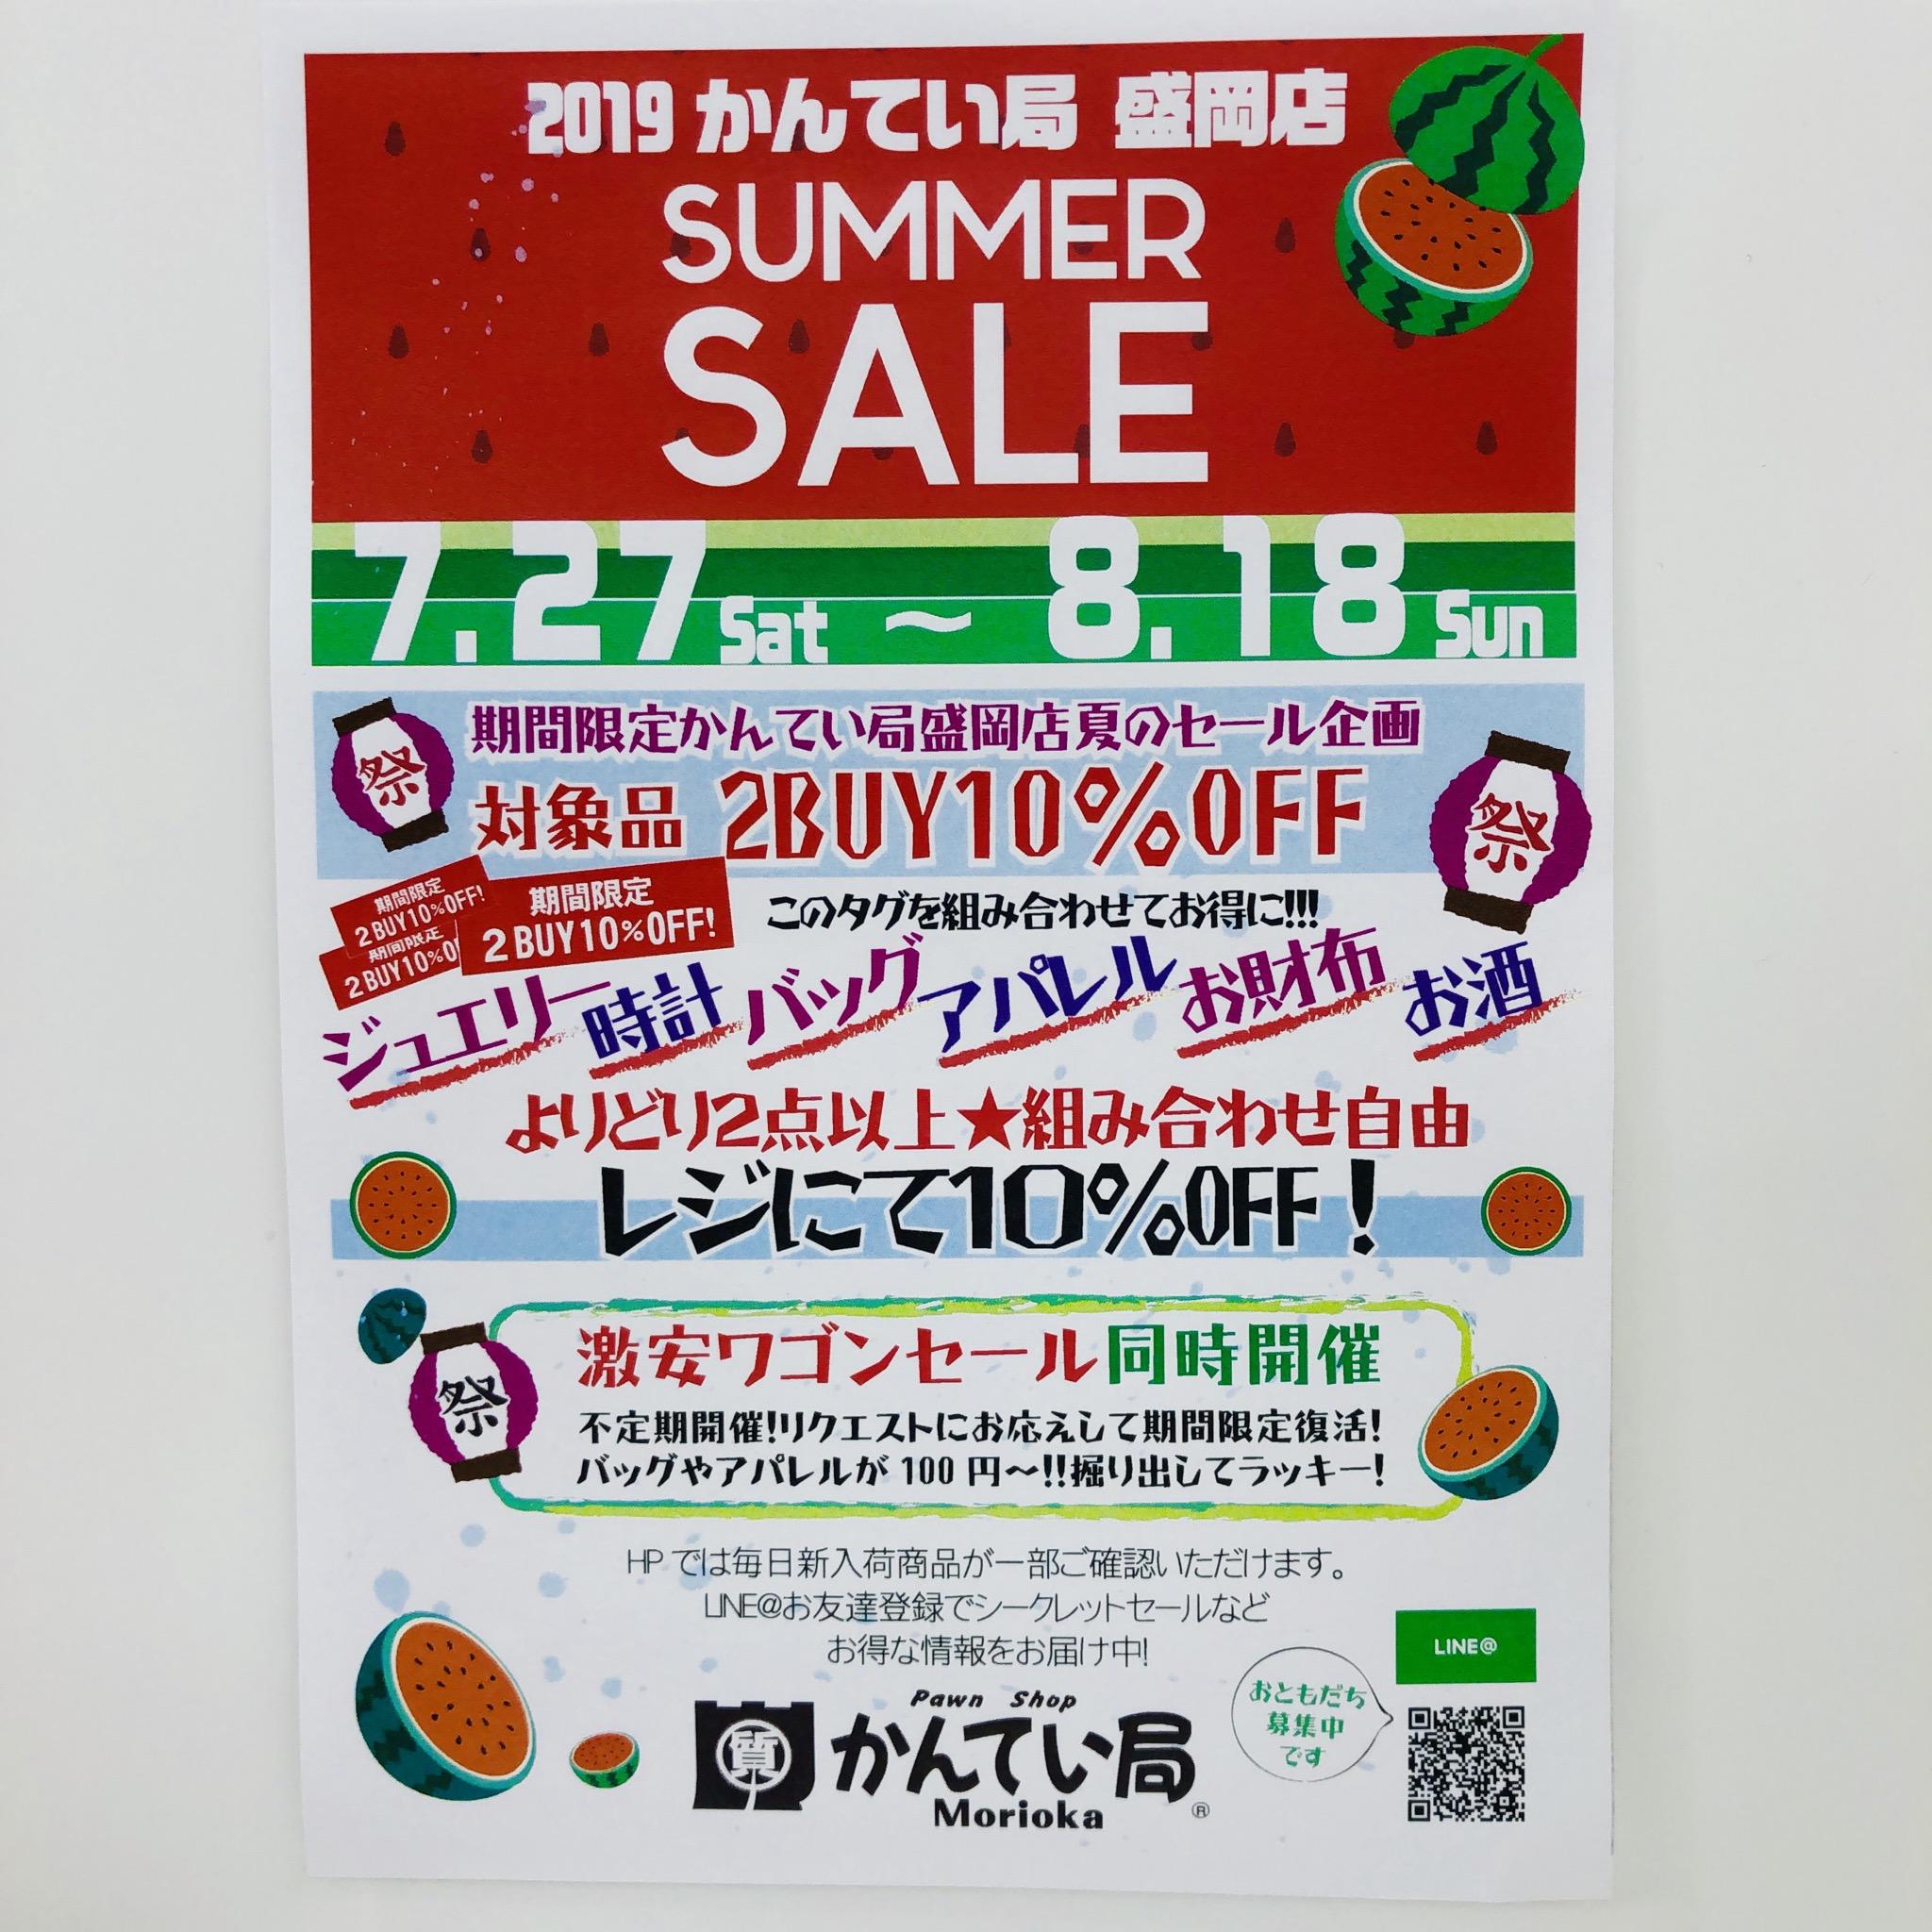 【盛岡 イベント 盛岡】2019 サマーセール 2BUYで10%OFF!